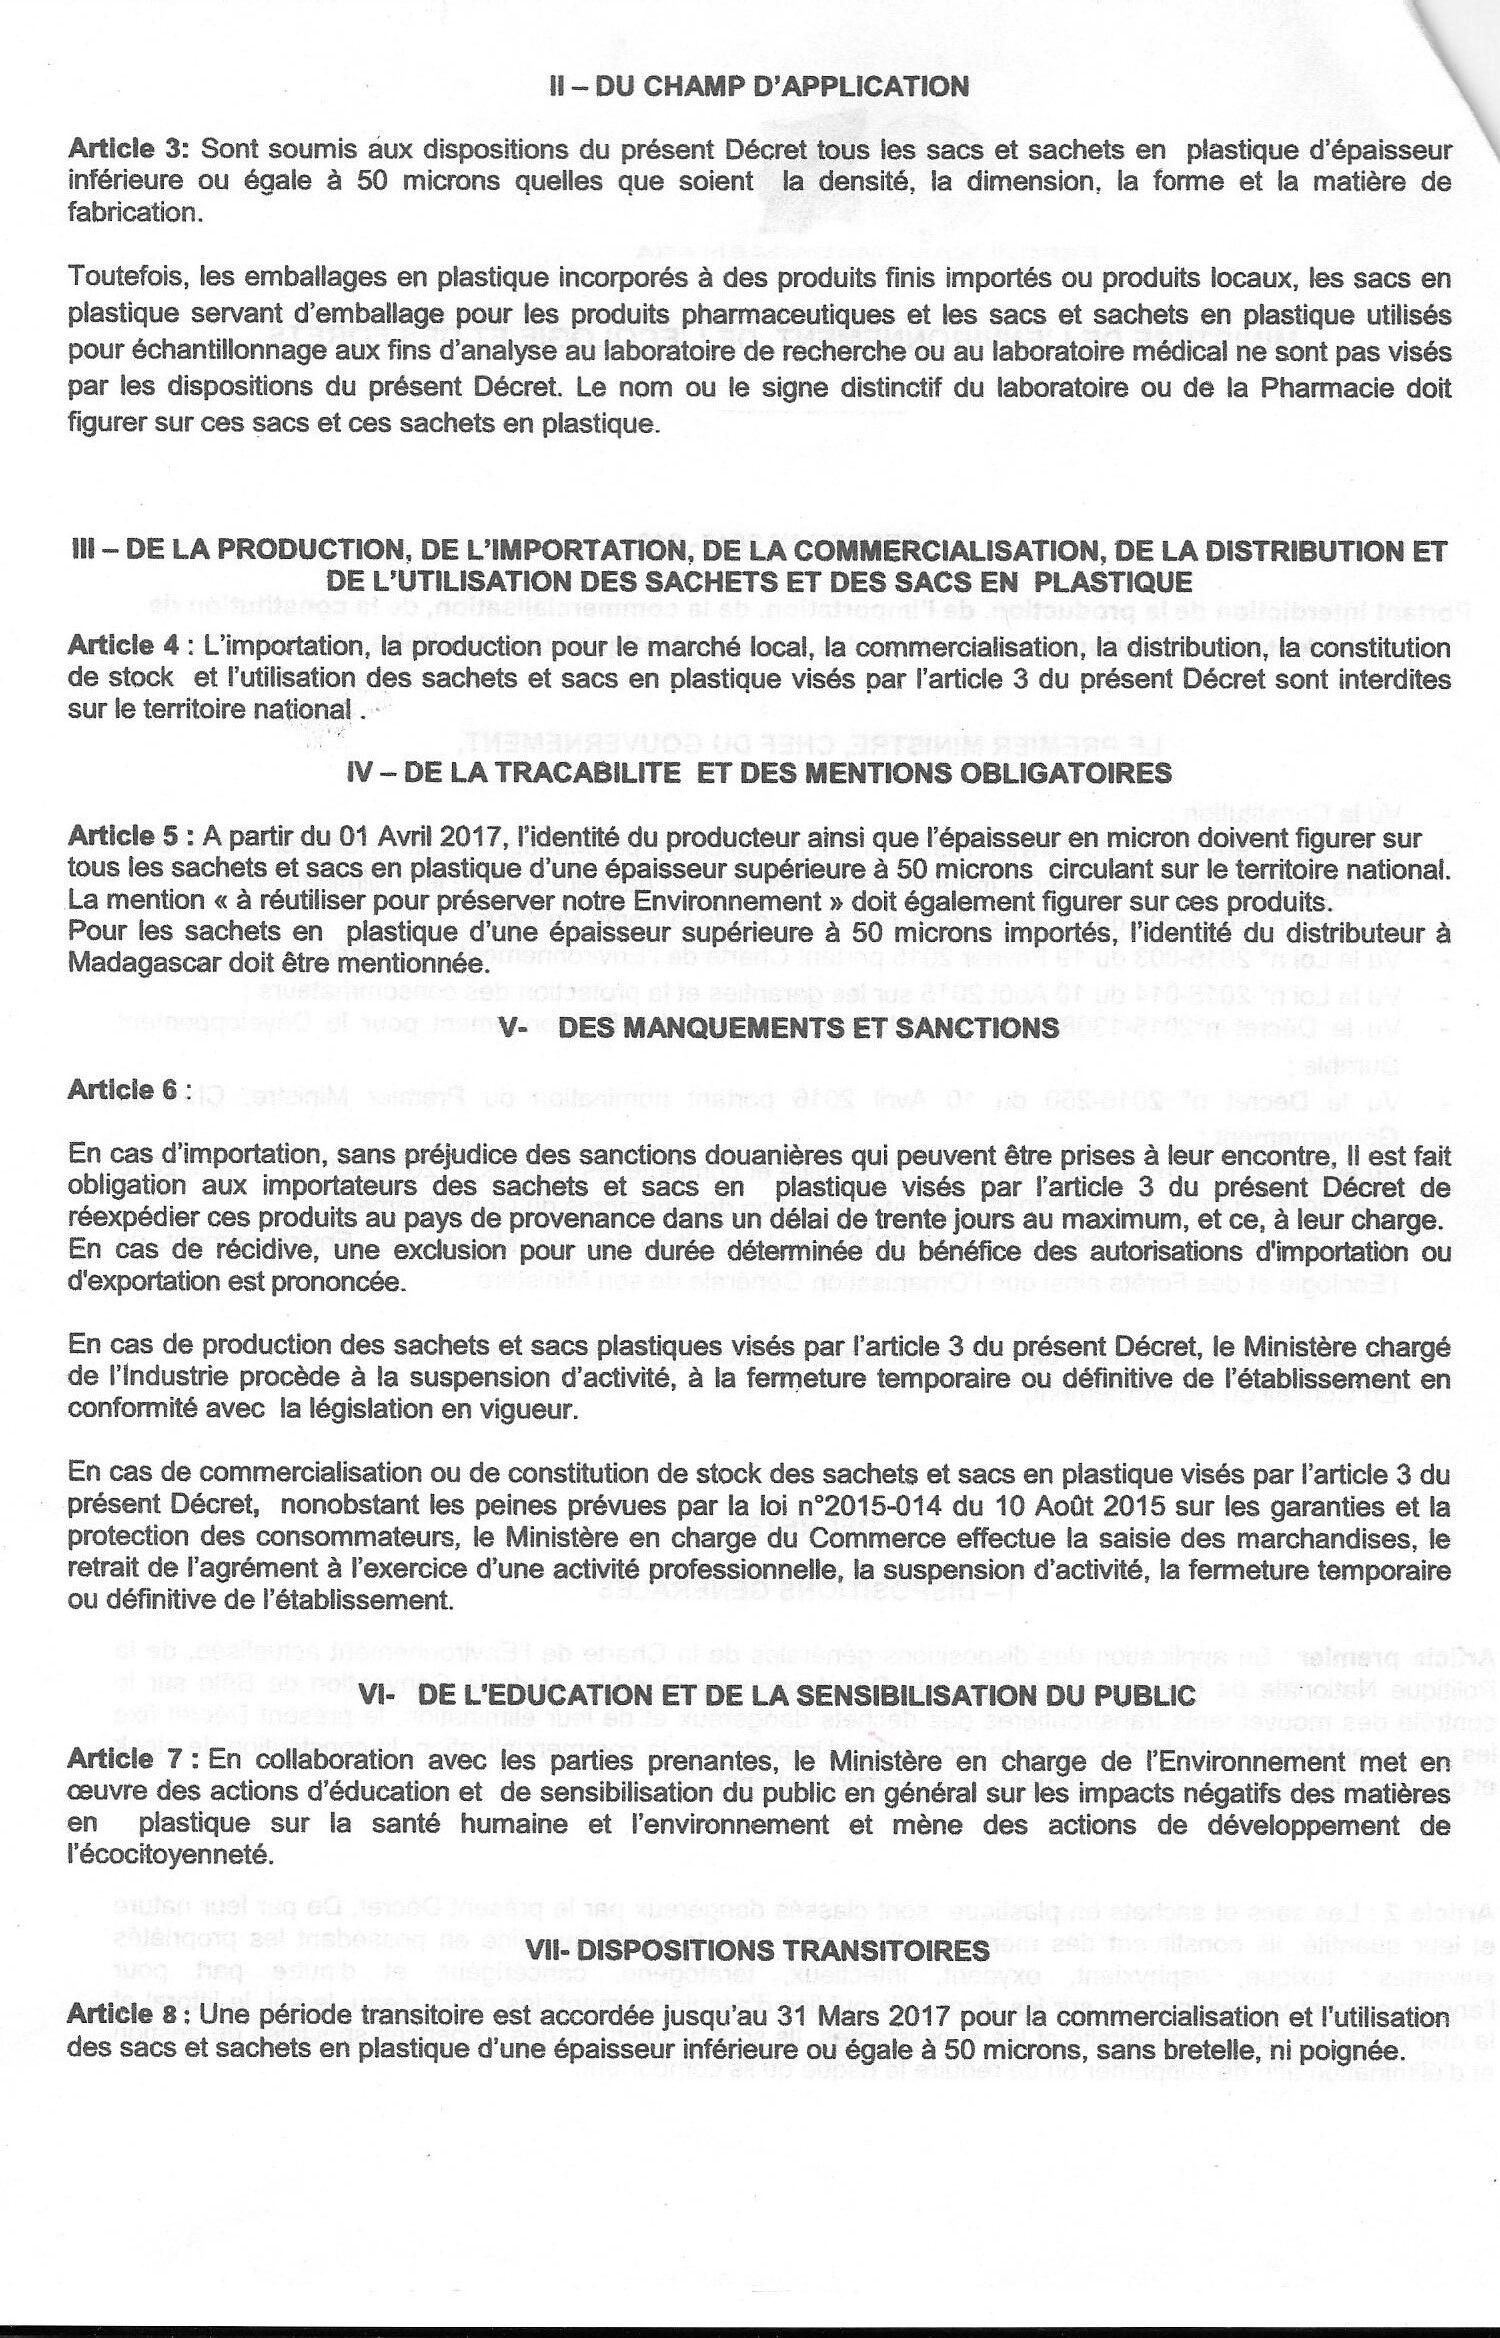 Décret_sachet plastique_page 2